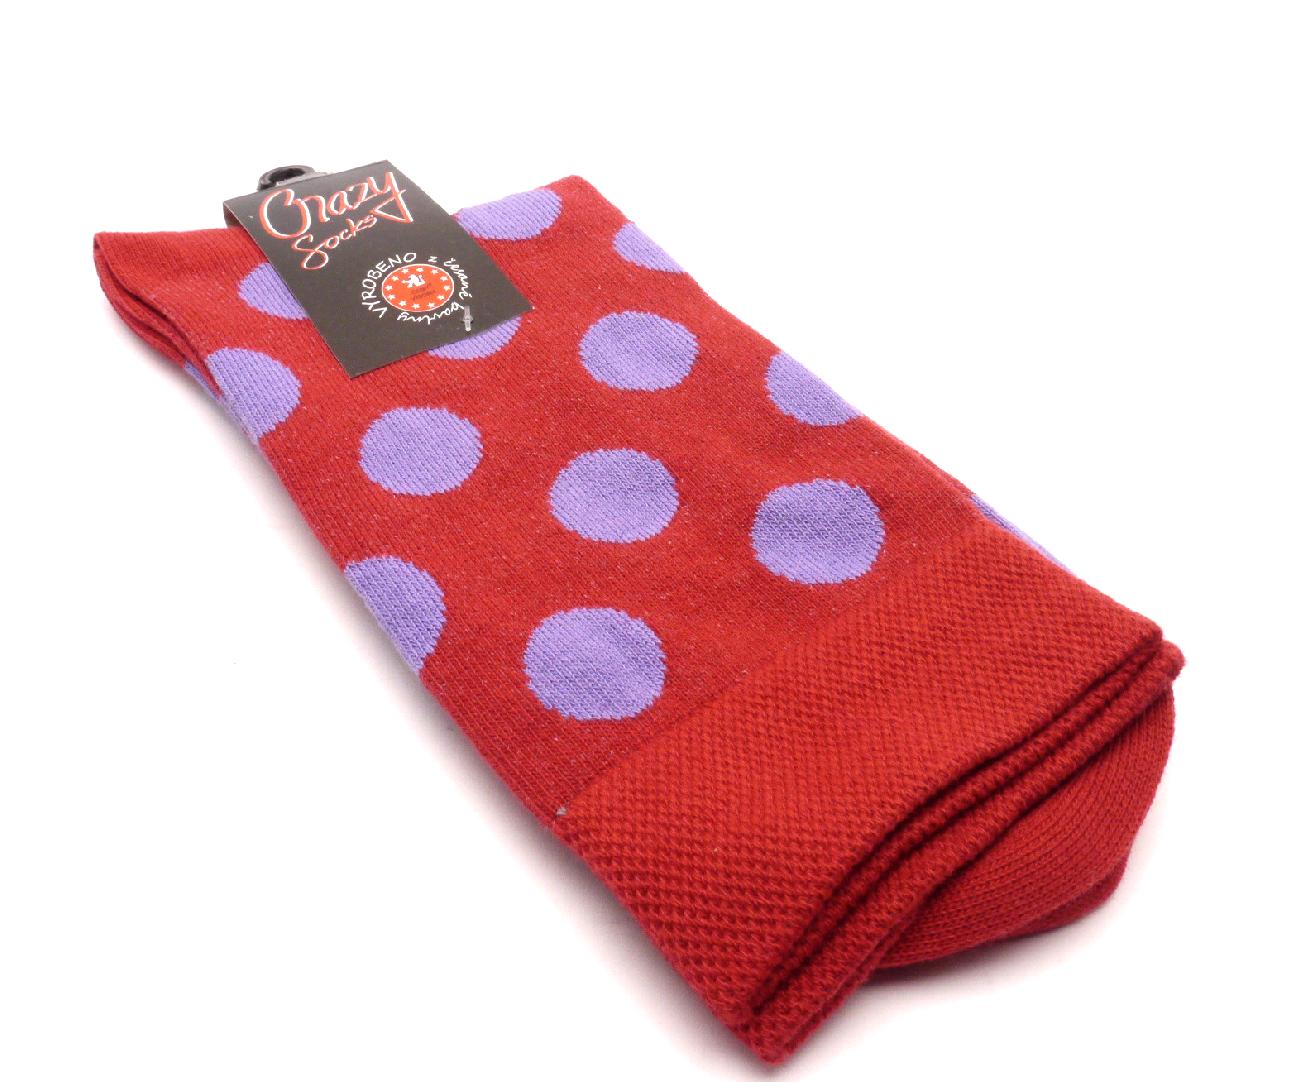 Crazy Sock Ponožky kolečka velký červený základ velikost: 41-46